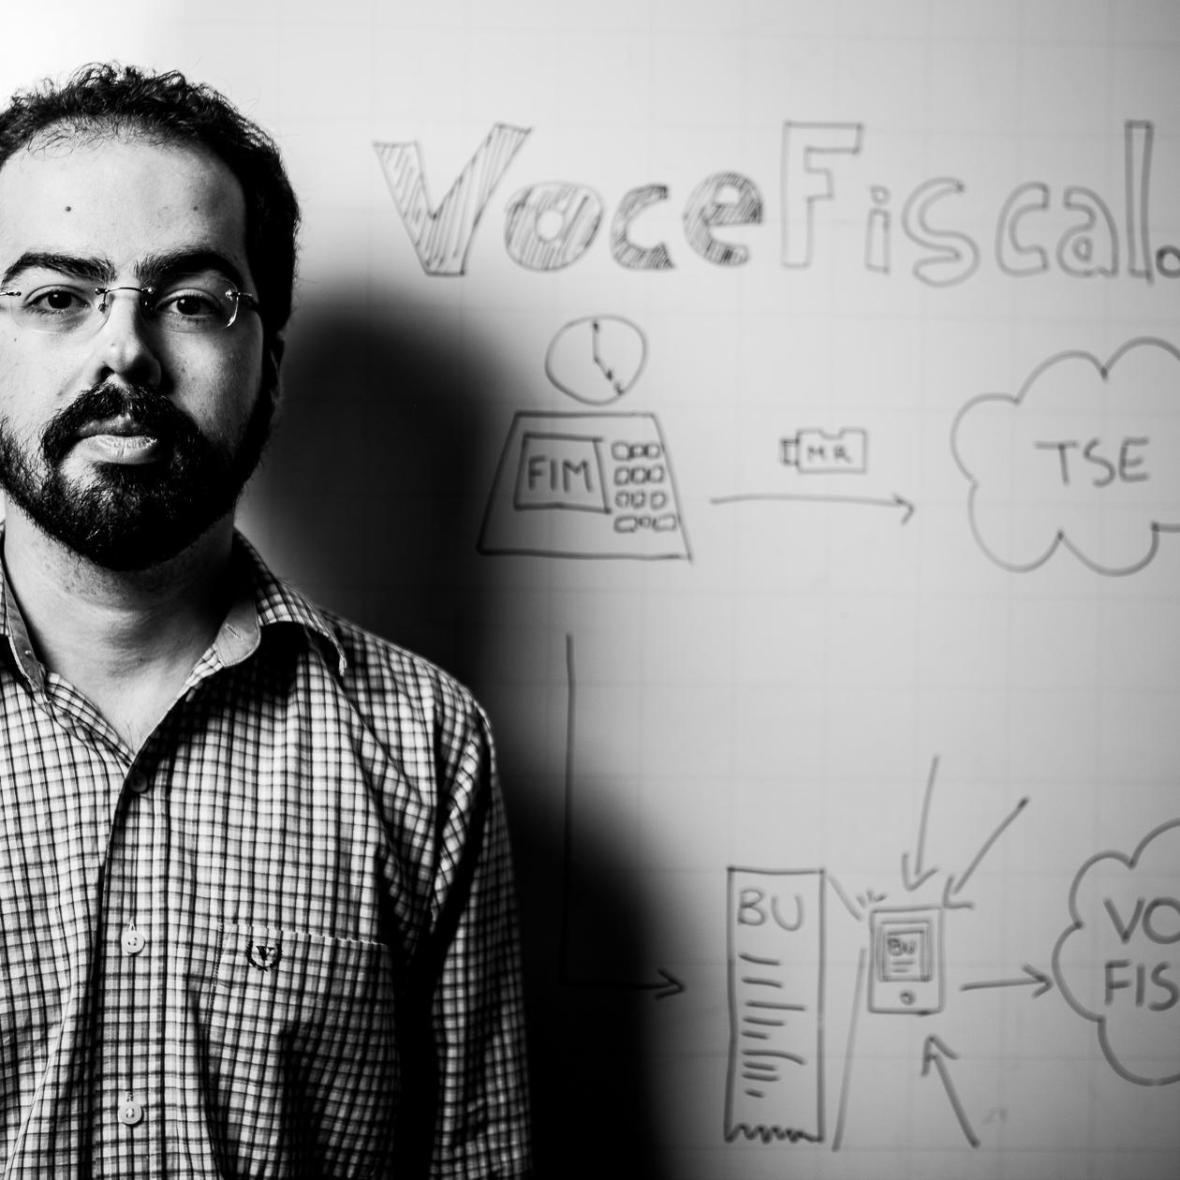 """O professor Diego Aranha, da Unicamp, tenta provar que as urnas utilizadas no Brasil são bem zoadas. Para o TSE, nosso entrevistado """"ameaça a democracia""""."""